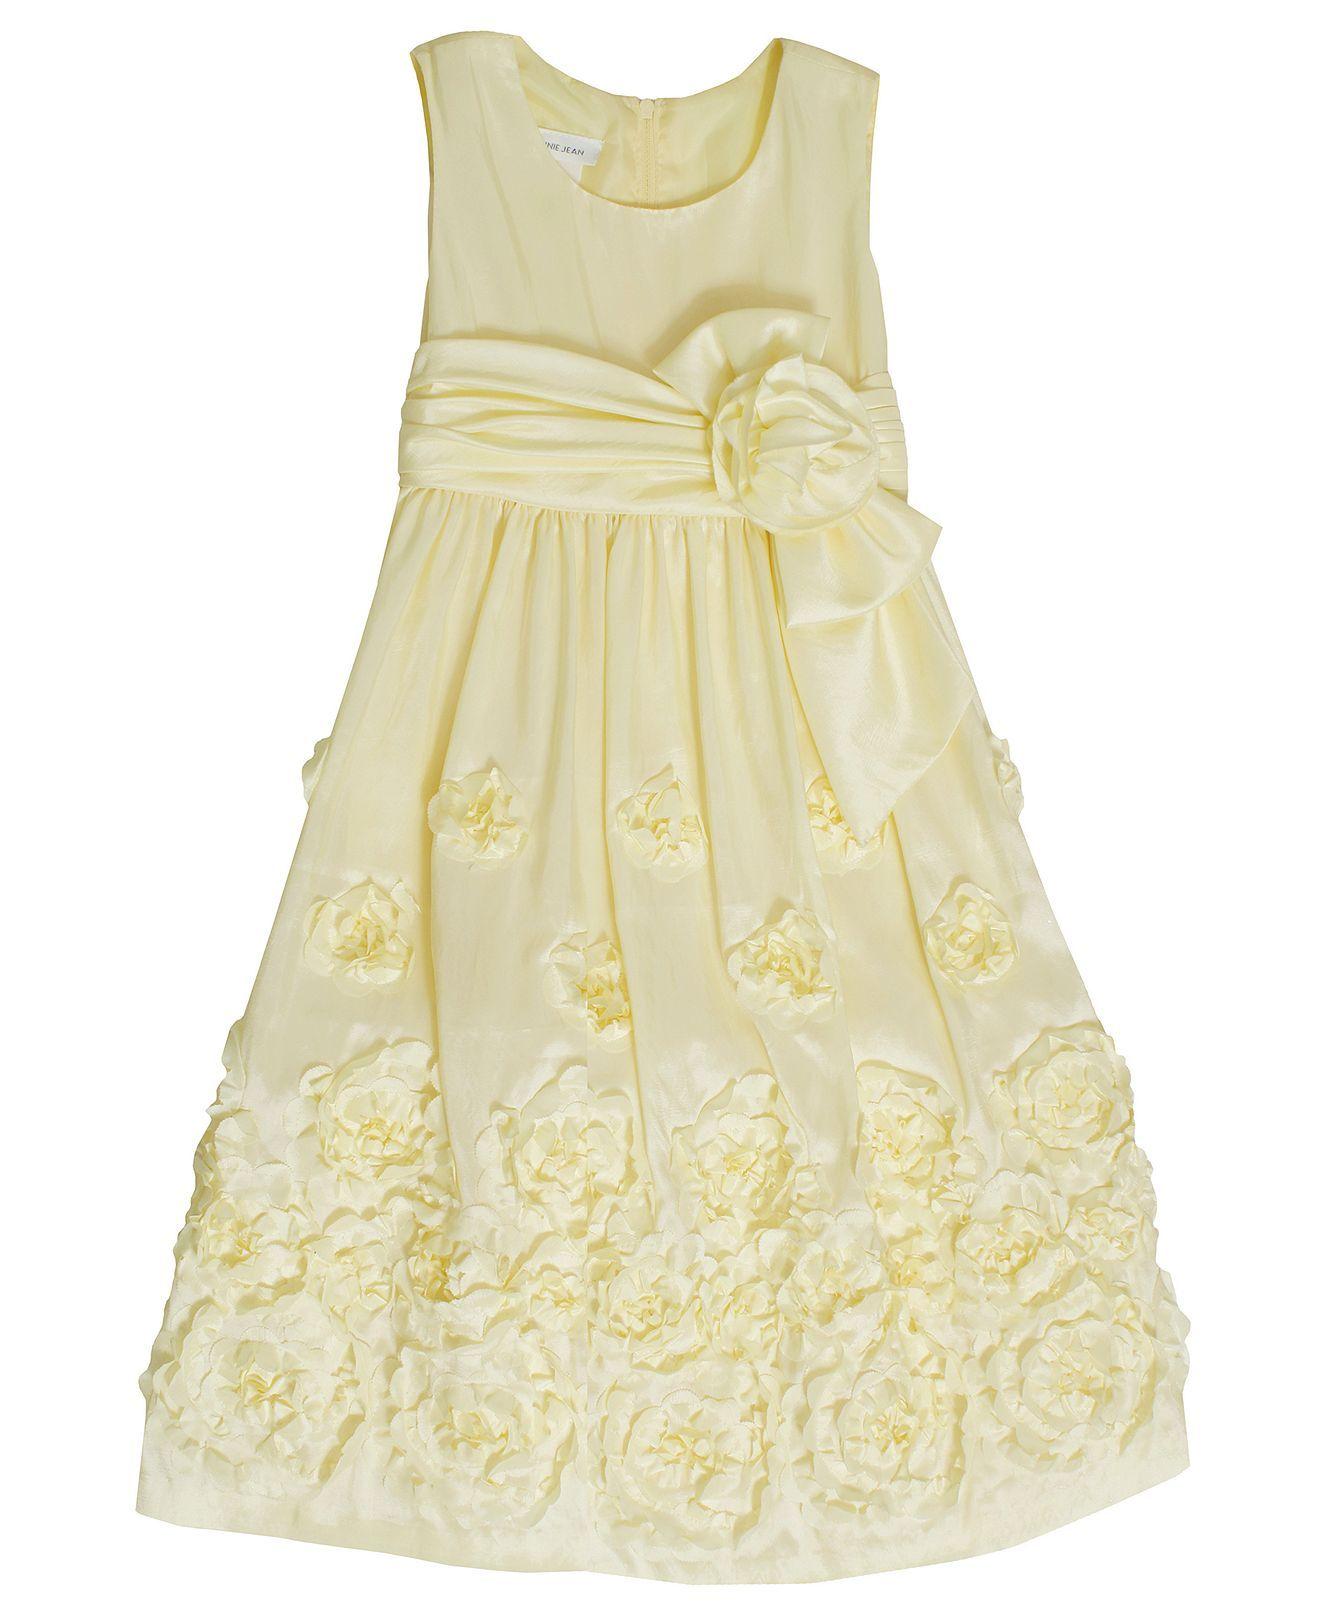 73b36c91f998 Bonnie Jean Kids Dress